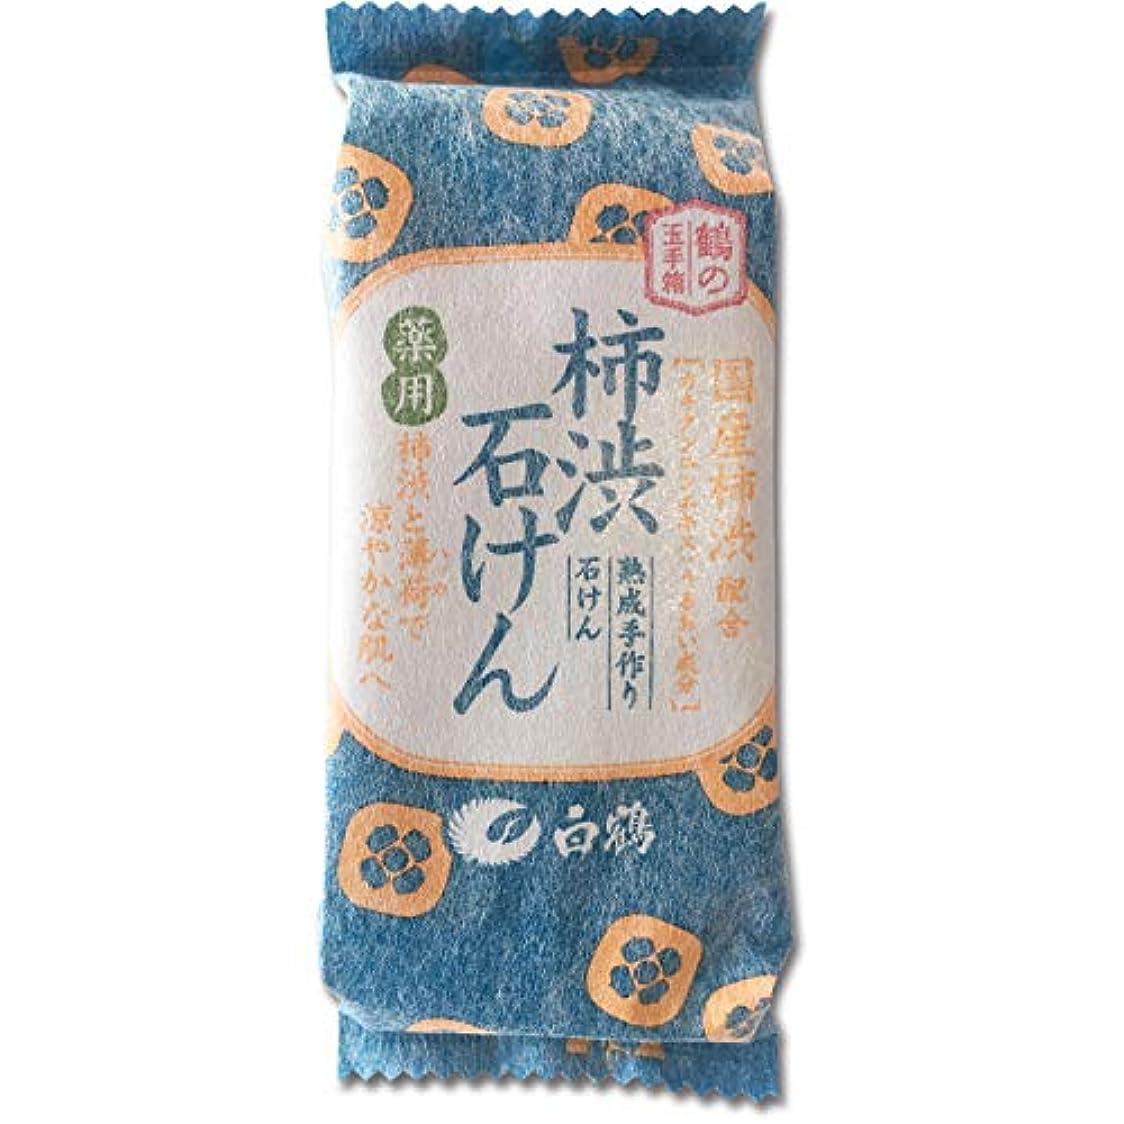 フィヨルドオーディションディプロマ白鶴 鶴の玉手箱 薬用 柿渋石けん 110g (全身用石鹸)